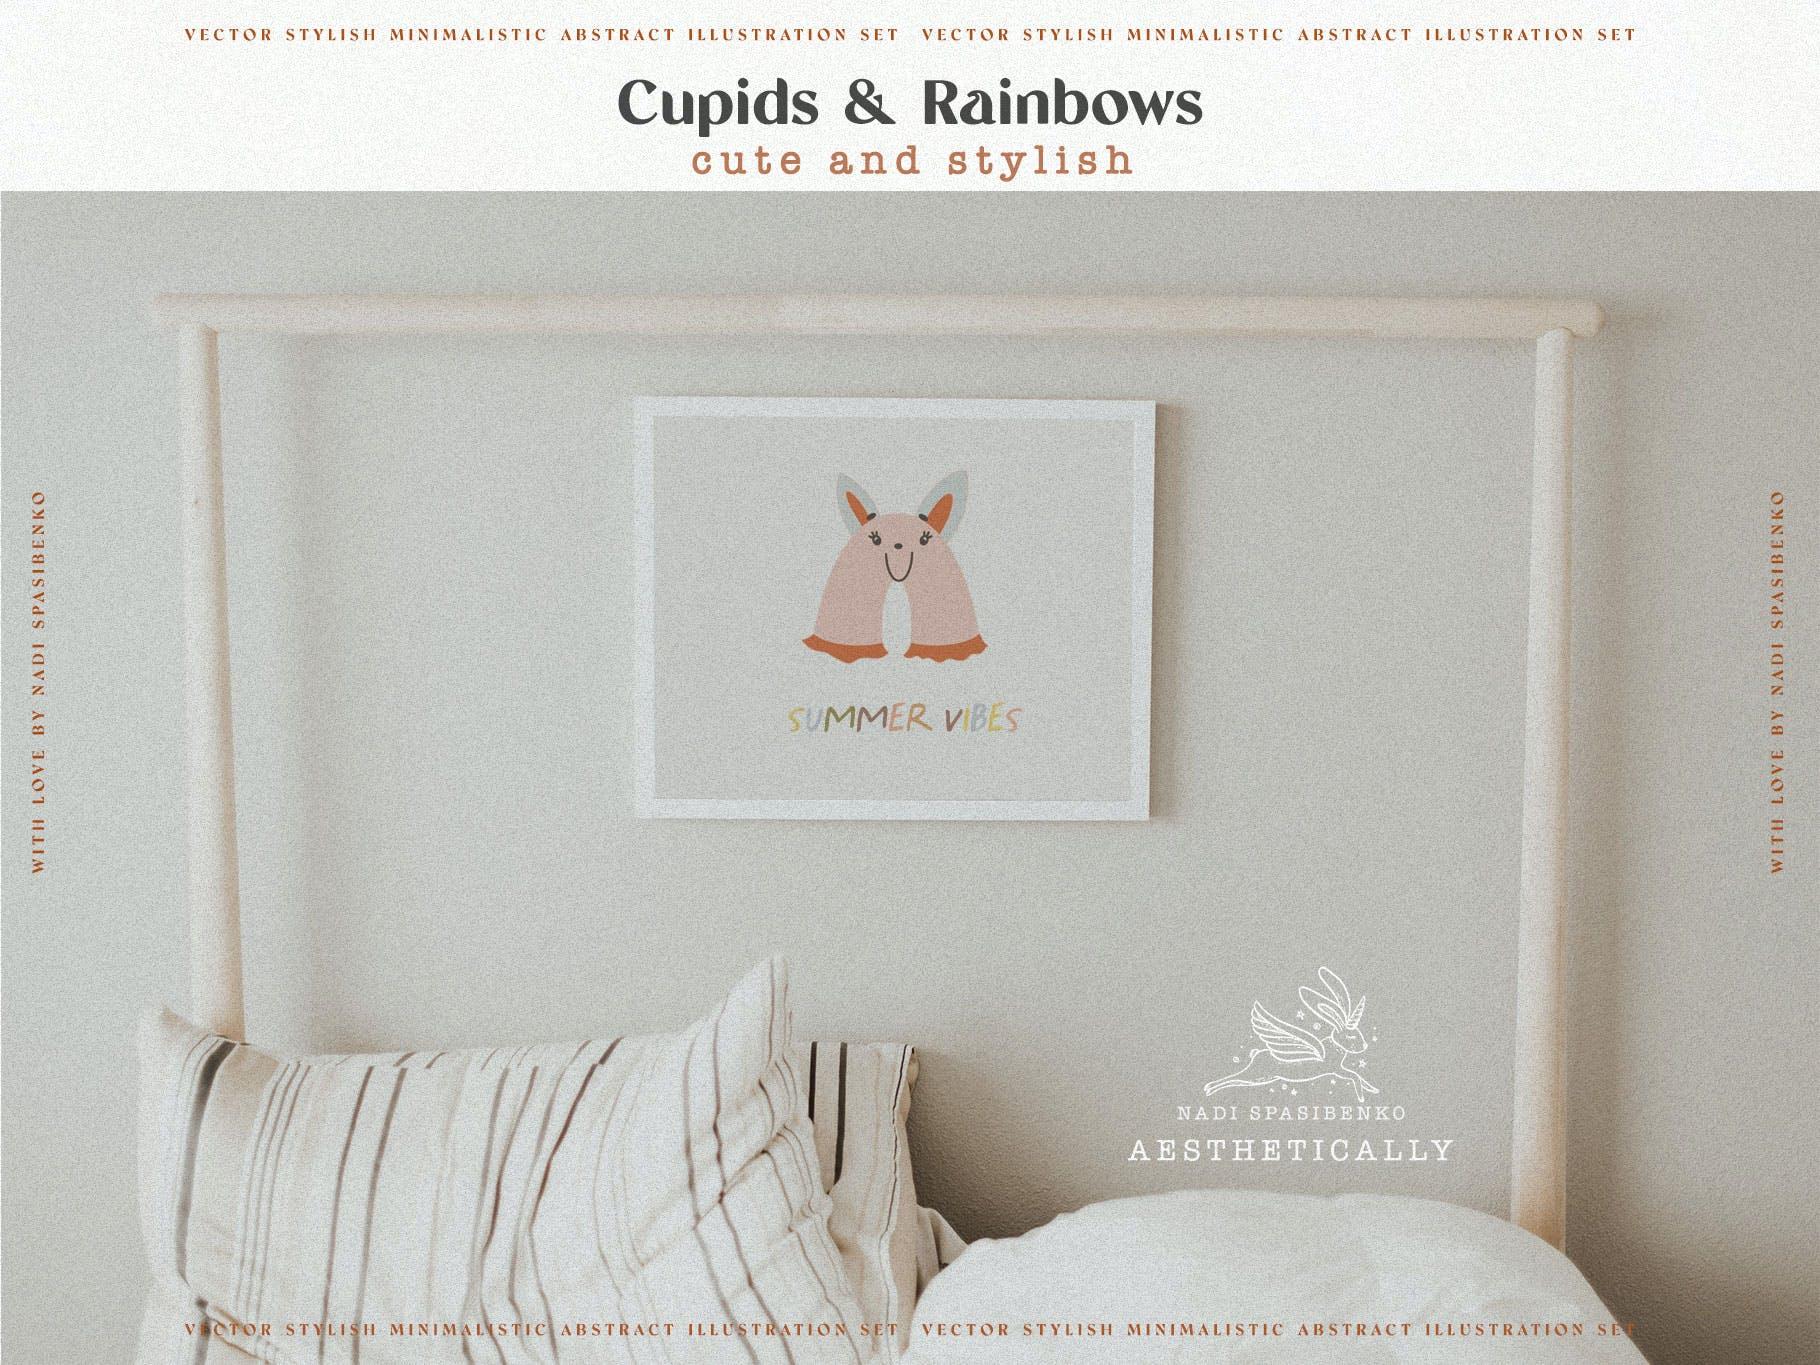 时尚抽象可爱卡通彩虹丘比特元素手绘插画矢量设计素材 Cupids & Cute Rainbows插图7